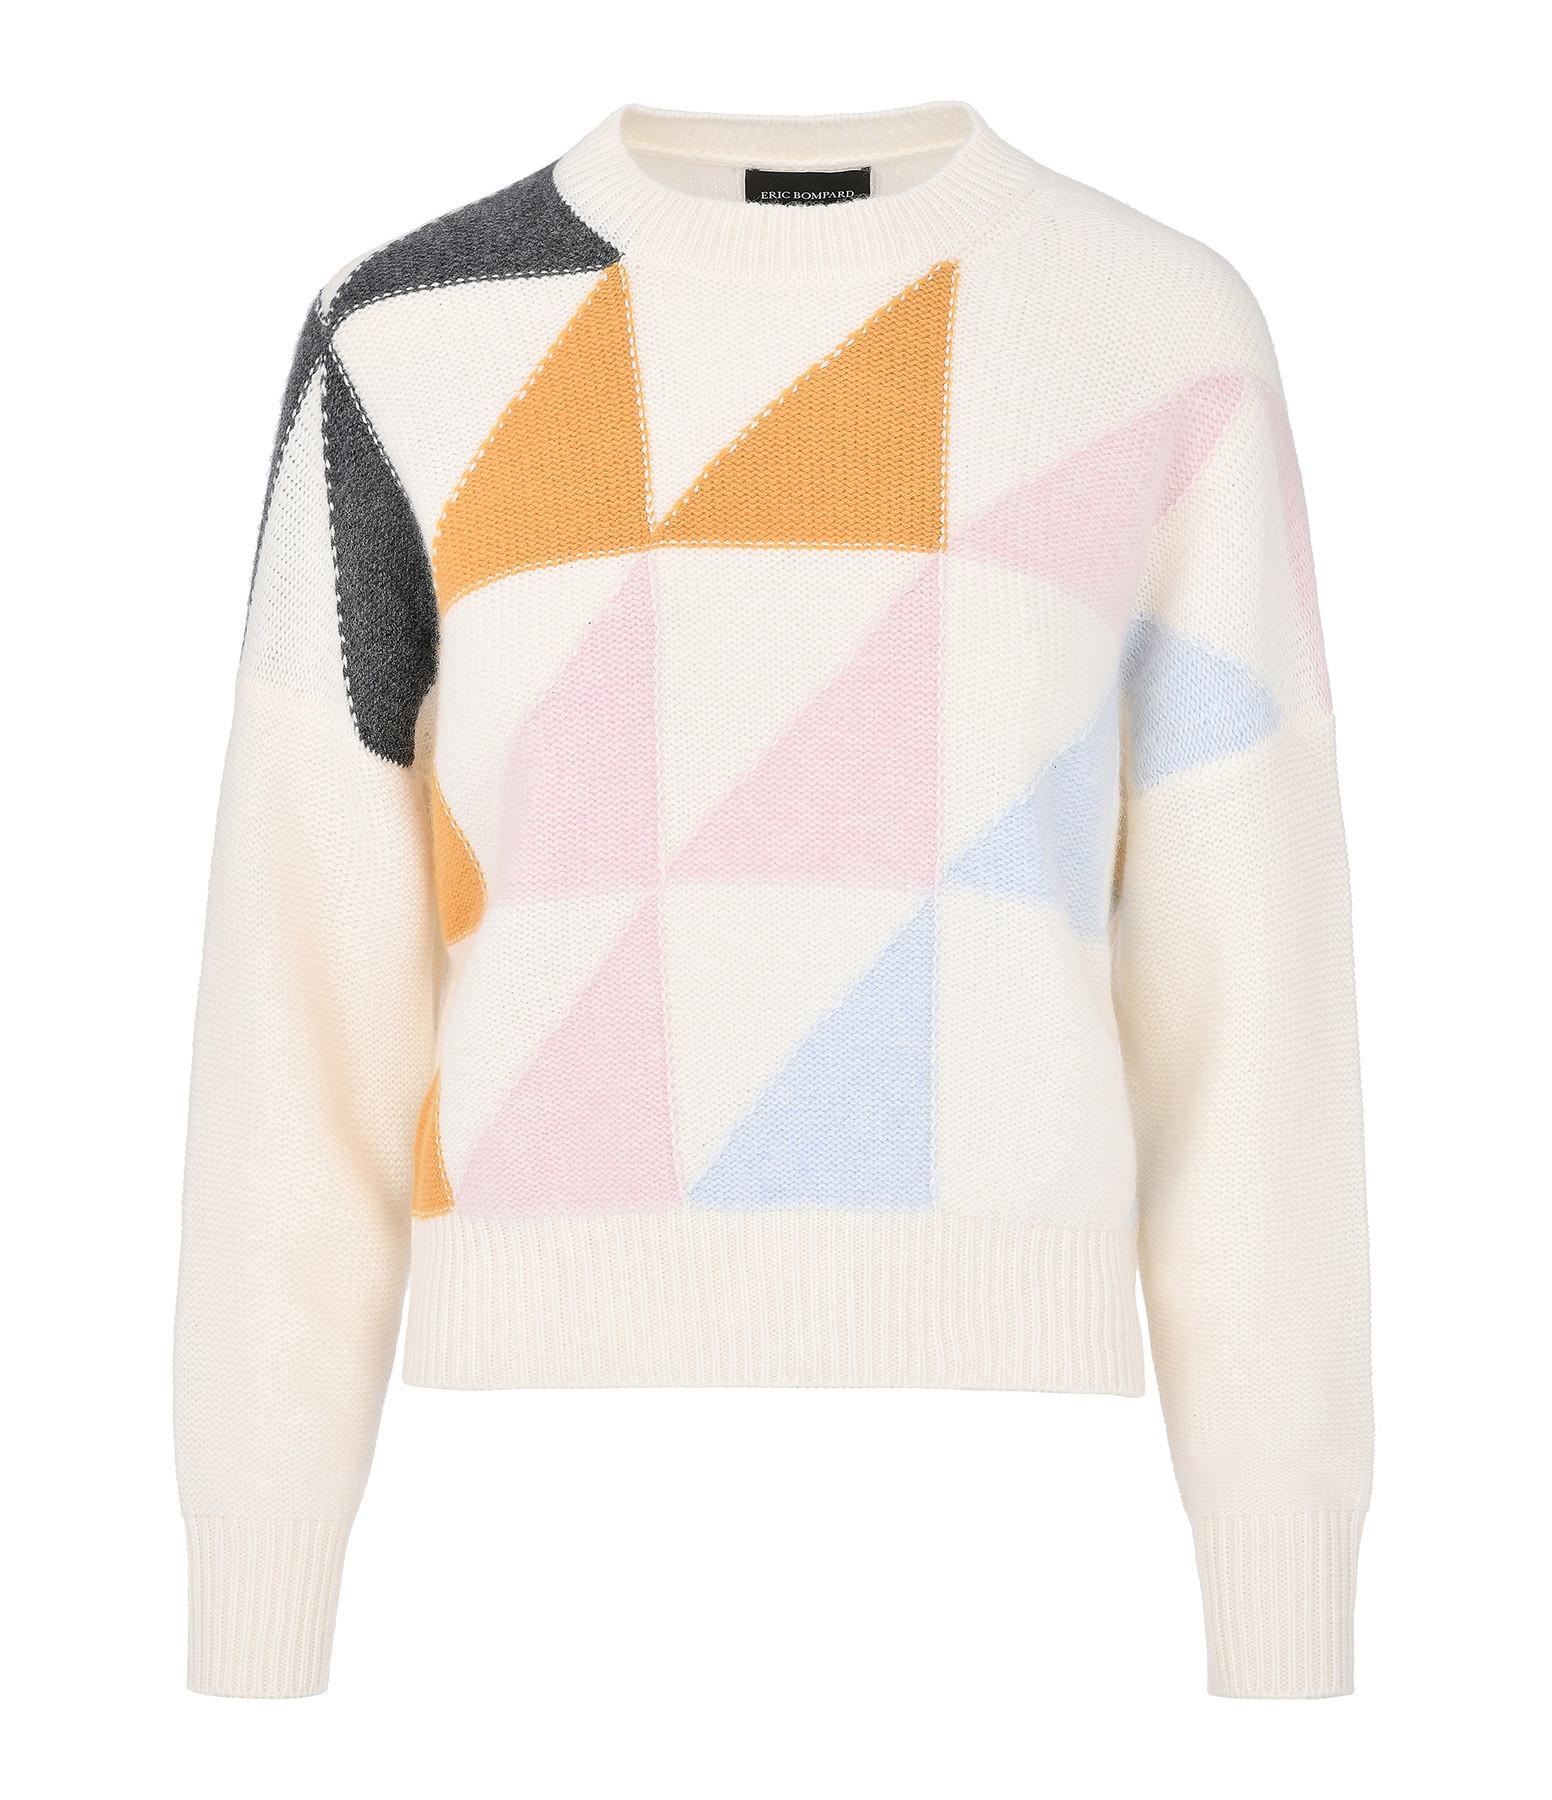 ERIC BOMPARD - Pull Intarsia Géométrique Autumn Multicolore